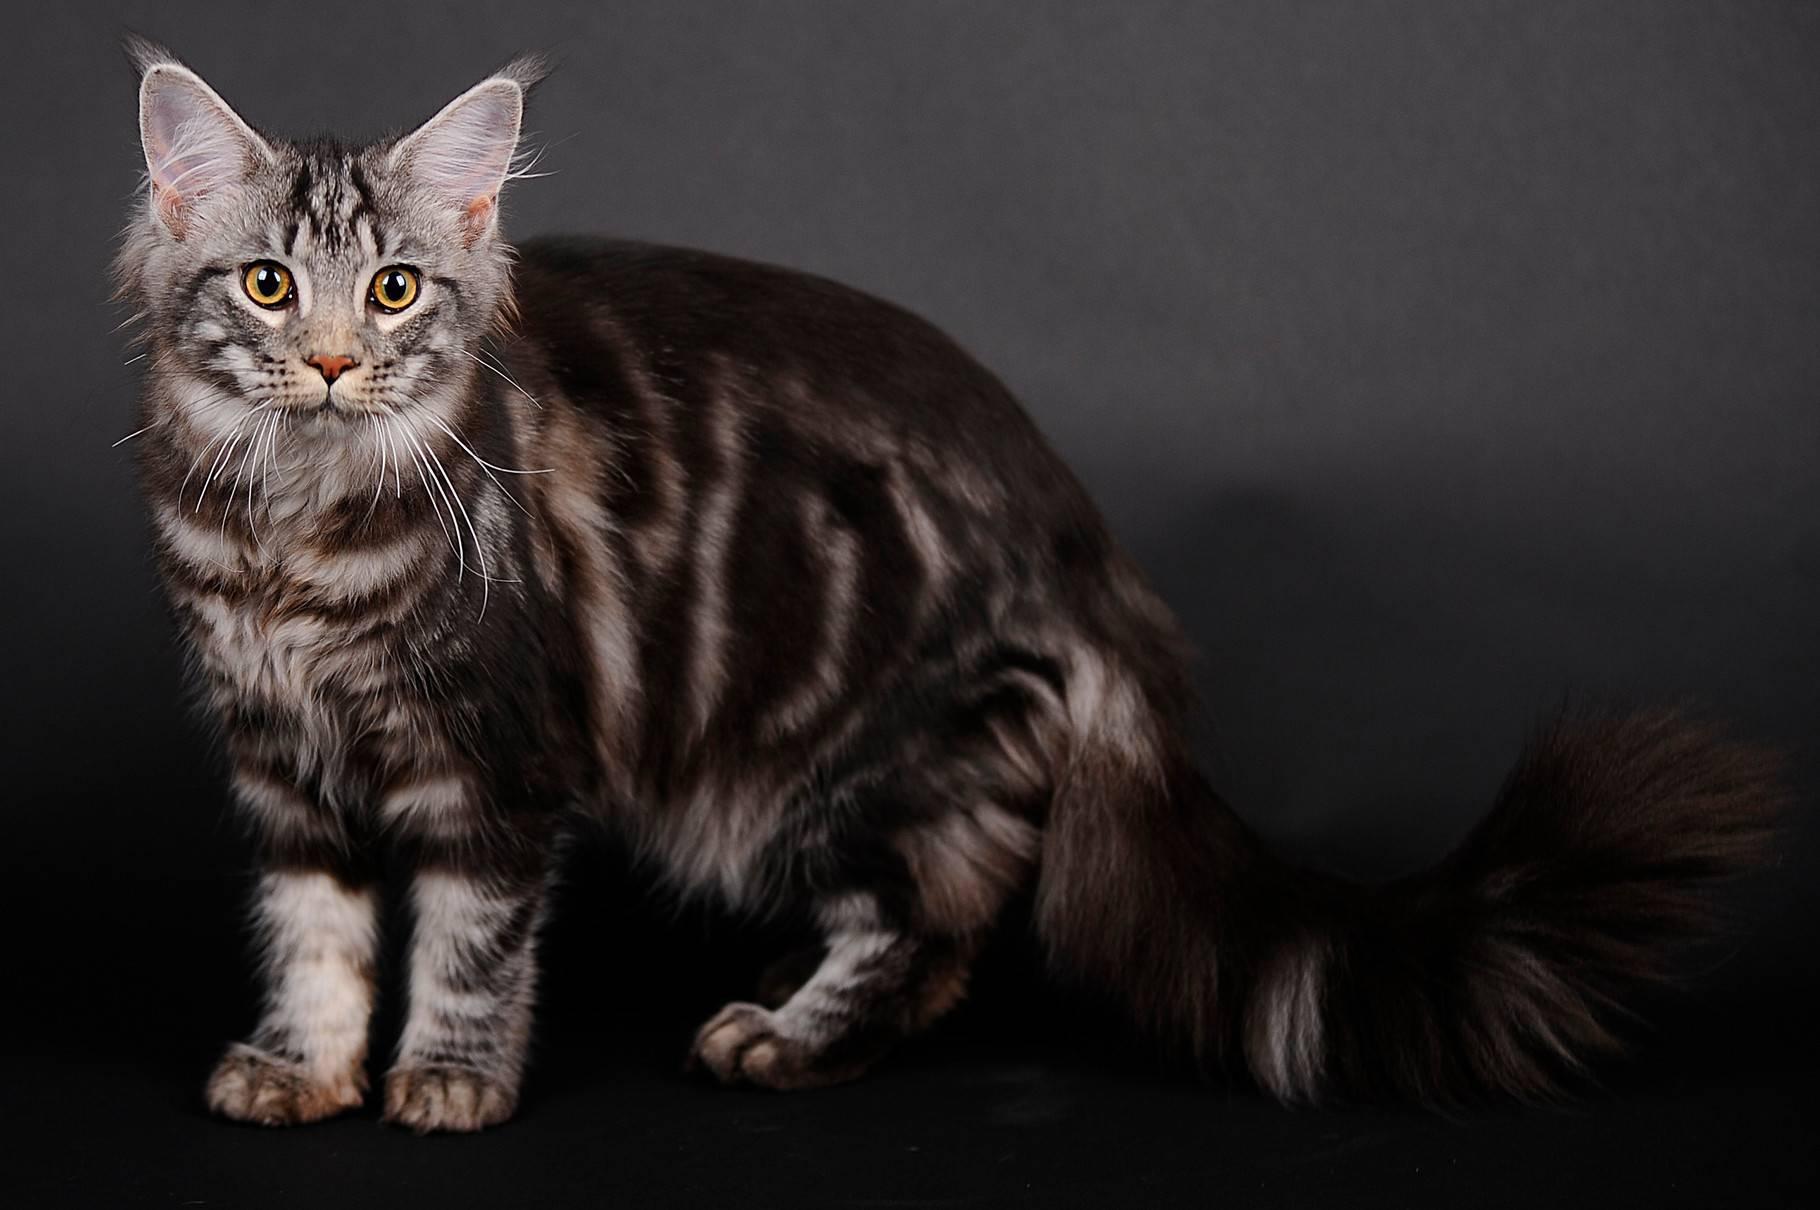 Окрас табби у кошек: виды и классификация, у каких пород встречается окрас табби у кошек: виды и классификация, у каких пород встречается